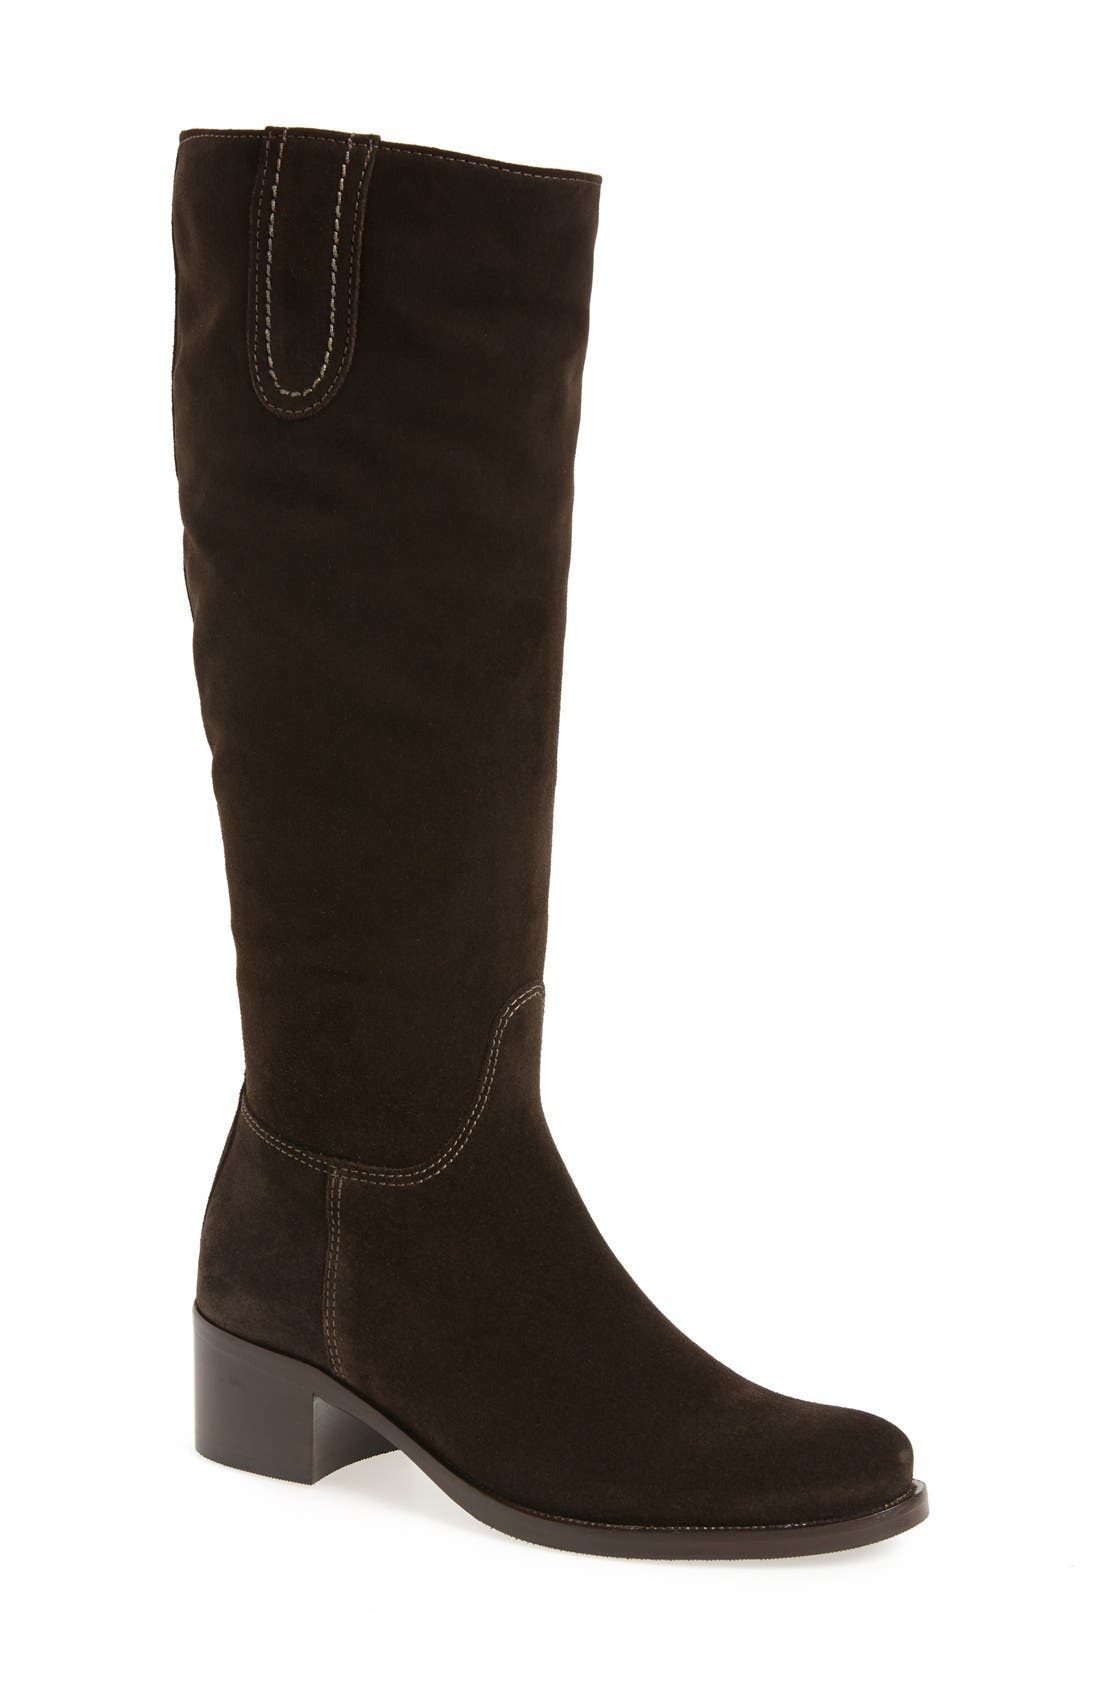 Alternate Image 1 Selected - La Canadienne 'Polly' Waterproof Knee High Boot (Women)